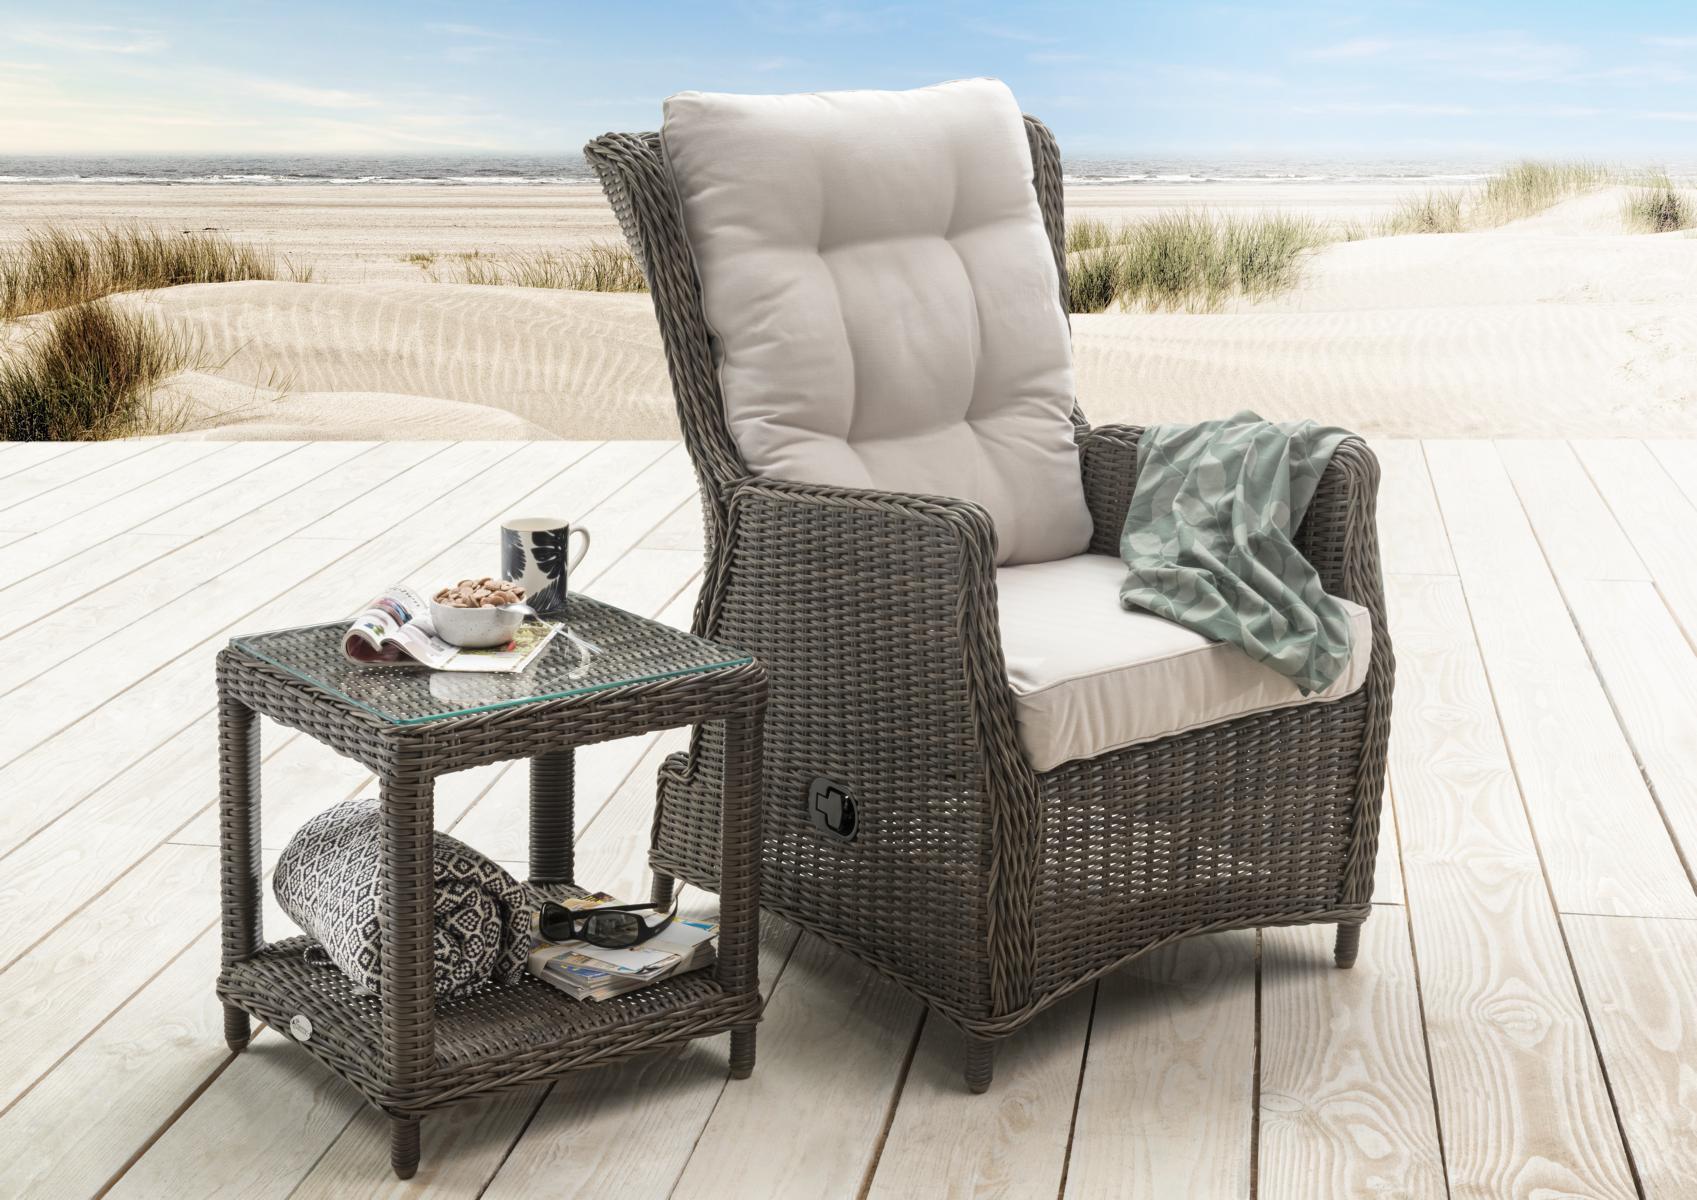 Sensational Geflechtmobel Fur Garten Zuhause Hochwertige Gartenmobel Cjindustries Chair Design For Home Cjindustriesco